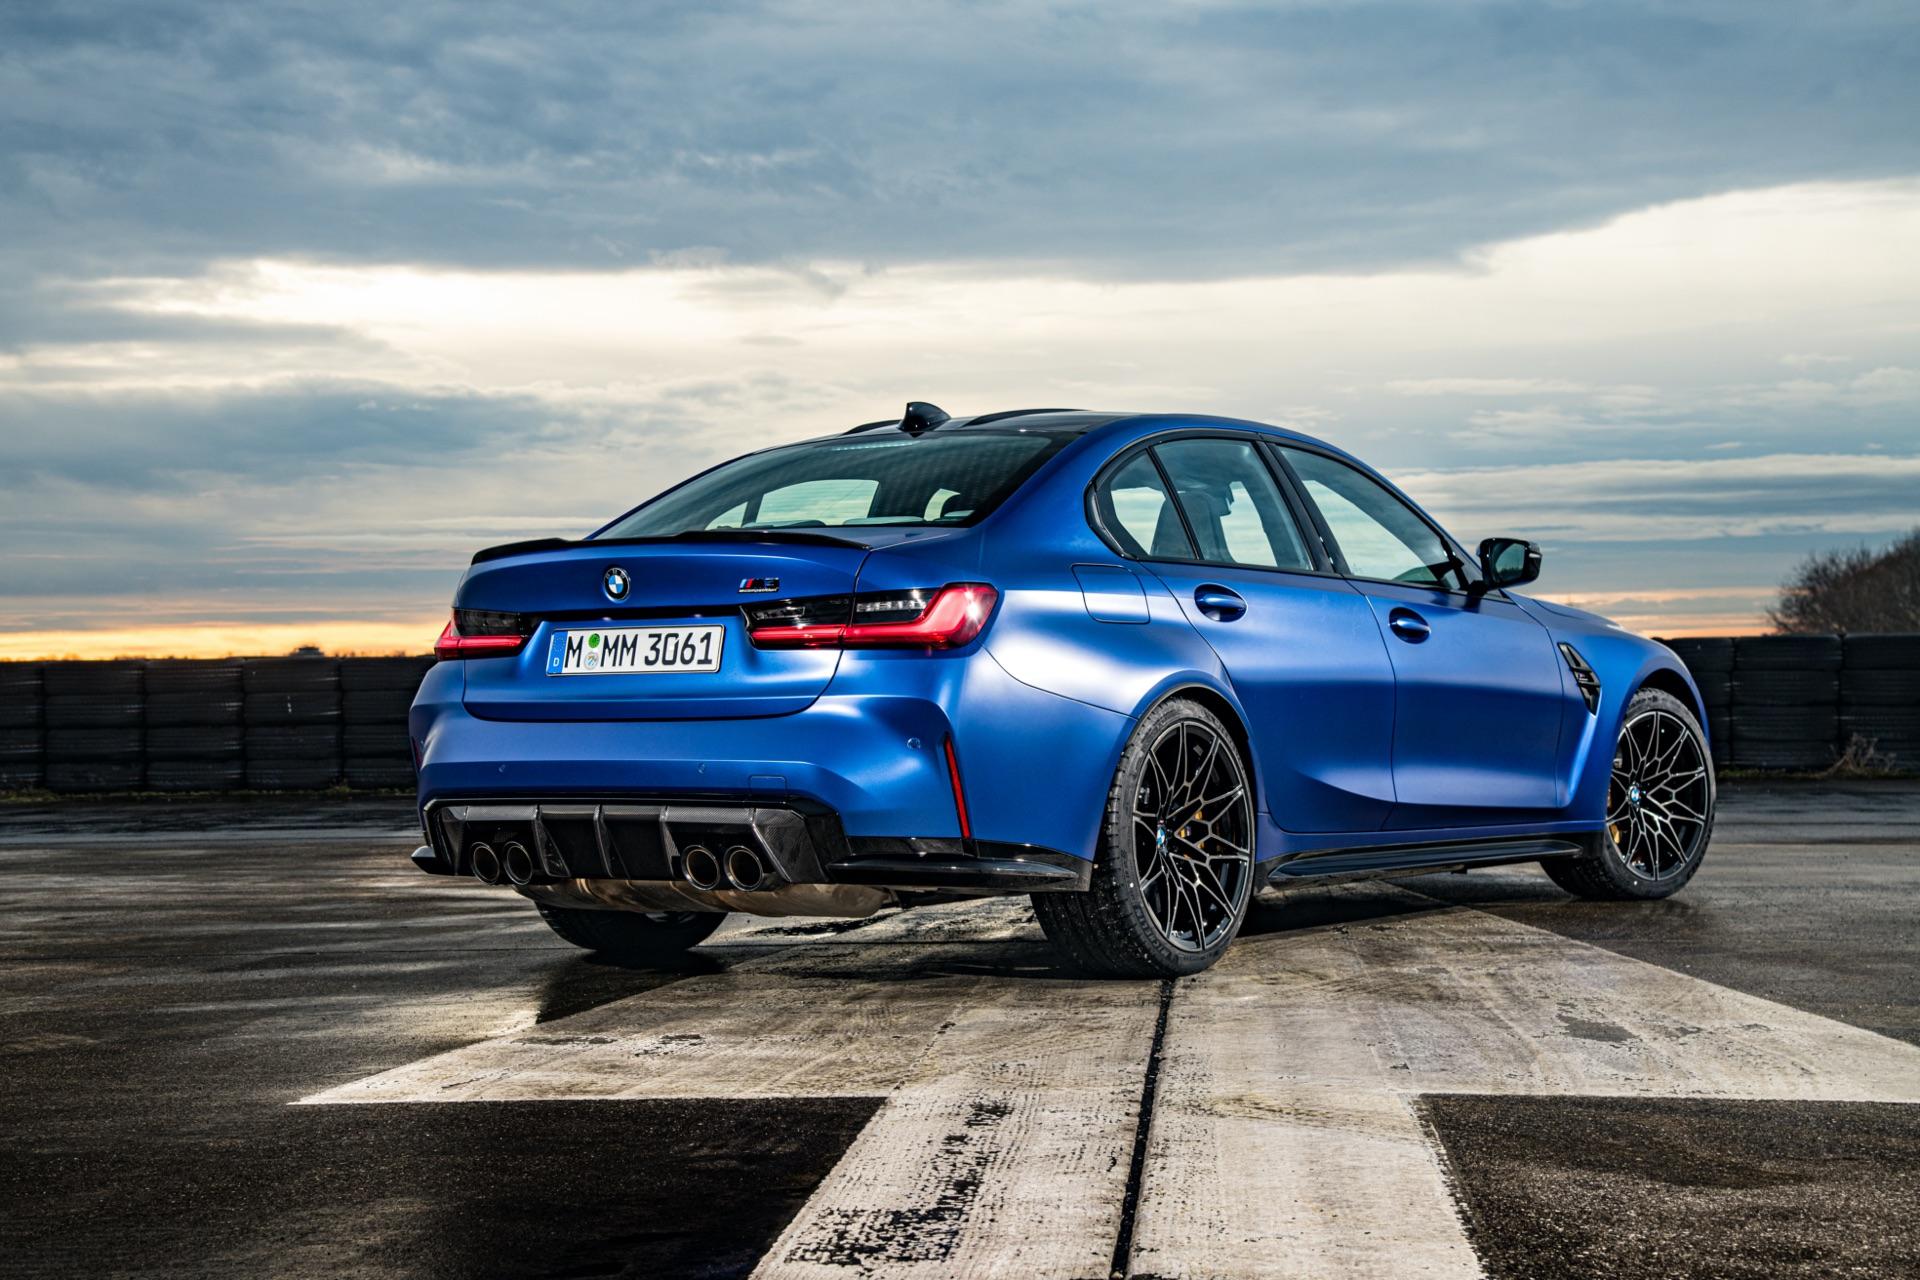 Portimao Blue BMW G80 M3 rear quarter